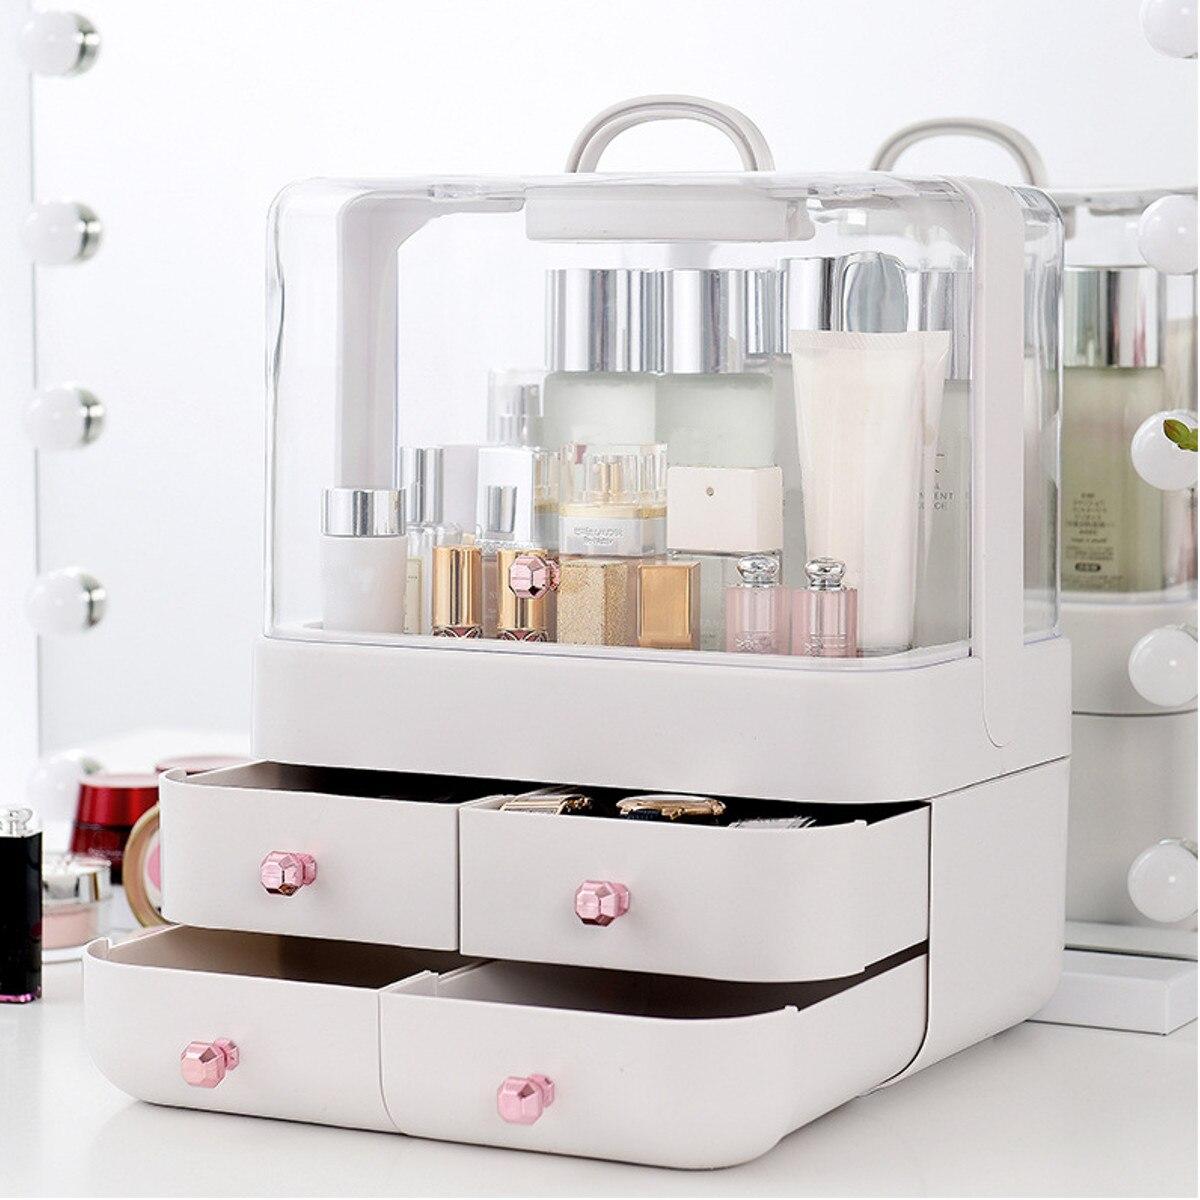 Grande capacité maquillage boîte de rangement conteneur organisateur lumière Portable magasin bijoux cosmétique en plastique étanche à la poussière tiroir étanche